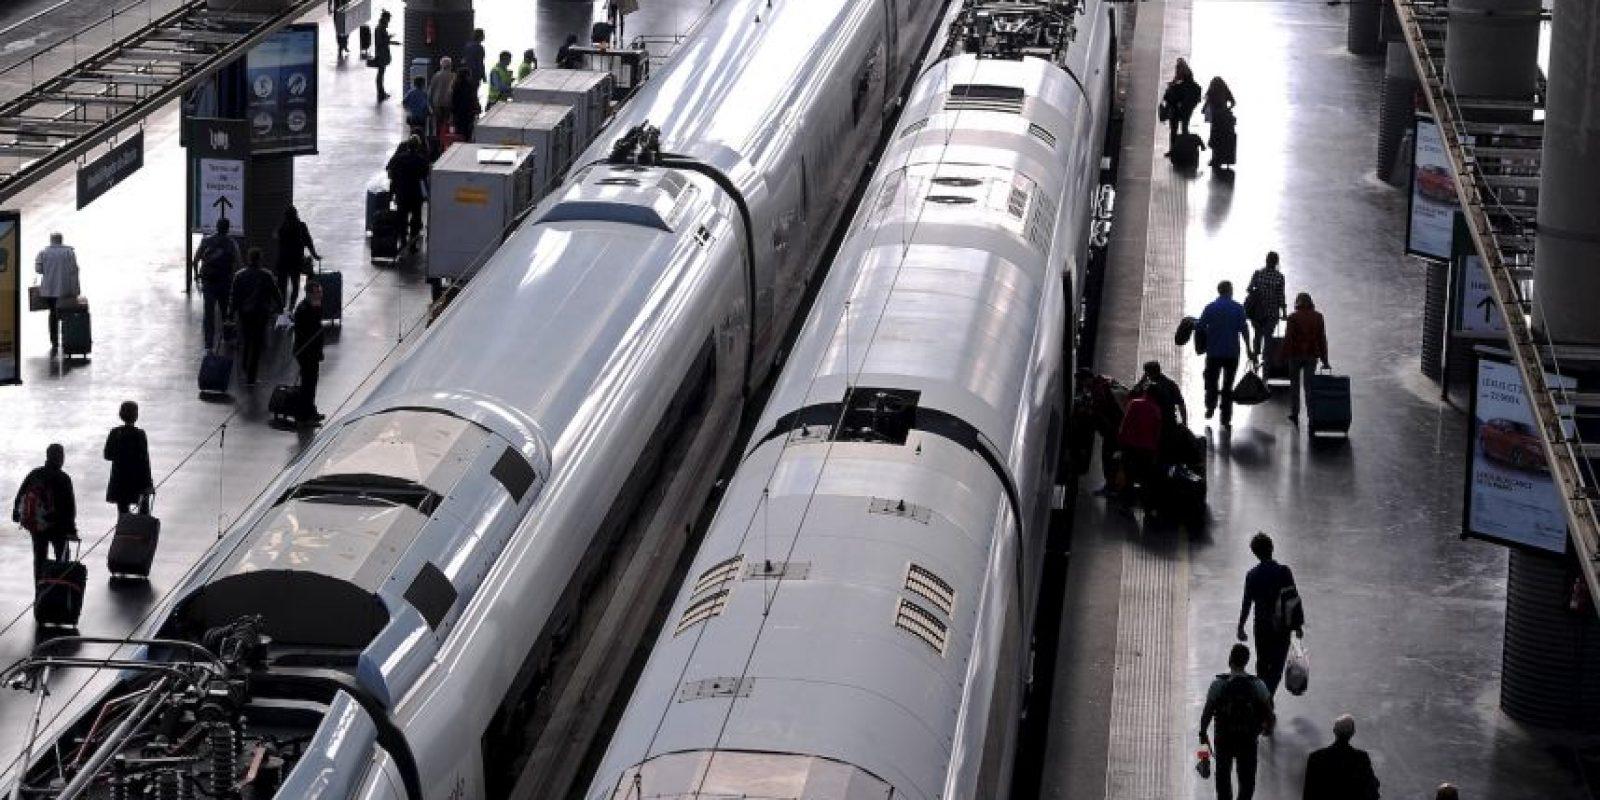 Los vagones más seguros se encuentras detrás del segundo, pero cuando se trata de descarrilamientos las personas que menos riesgo corren se ubican en el punto medio del tren. Foto:Getty Images